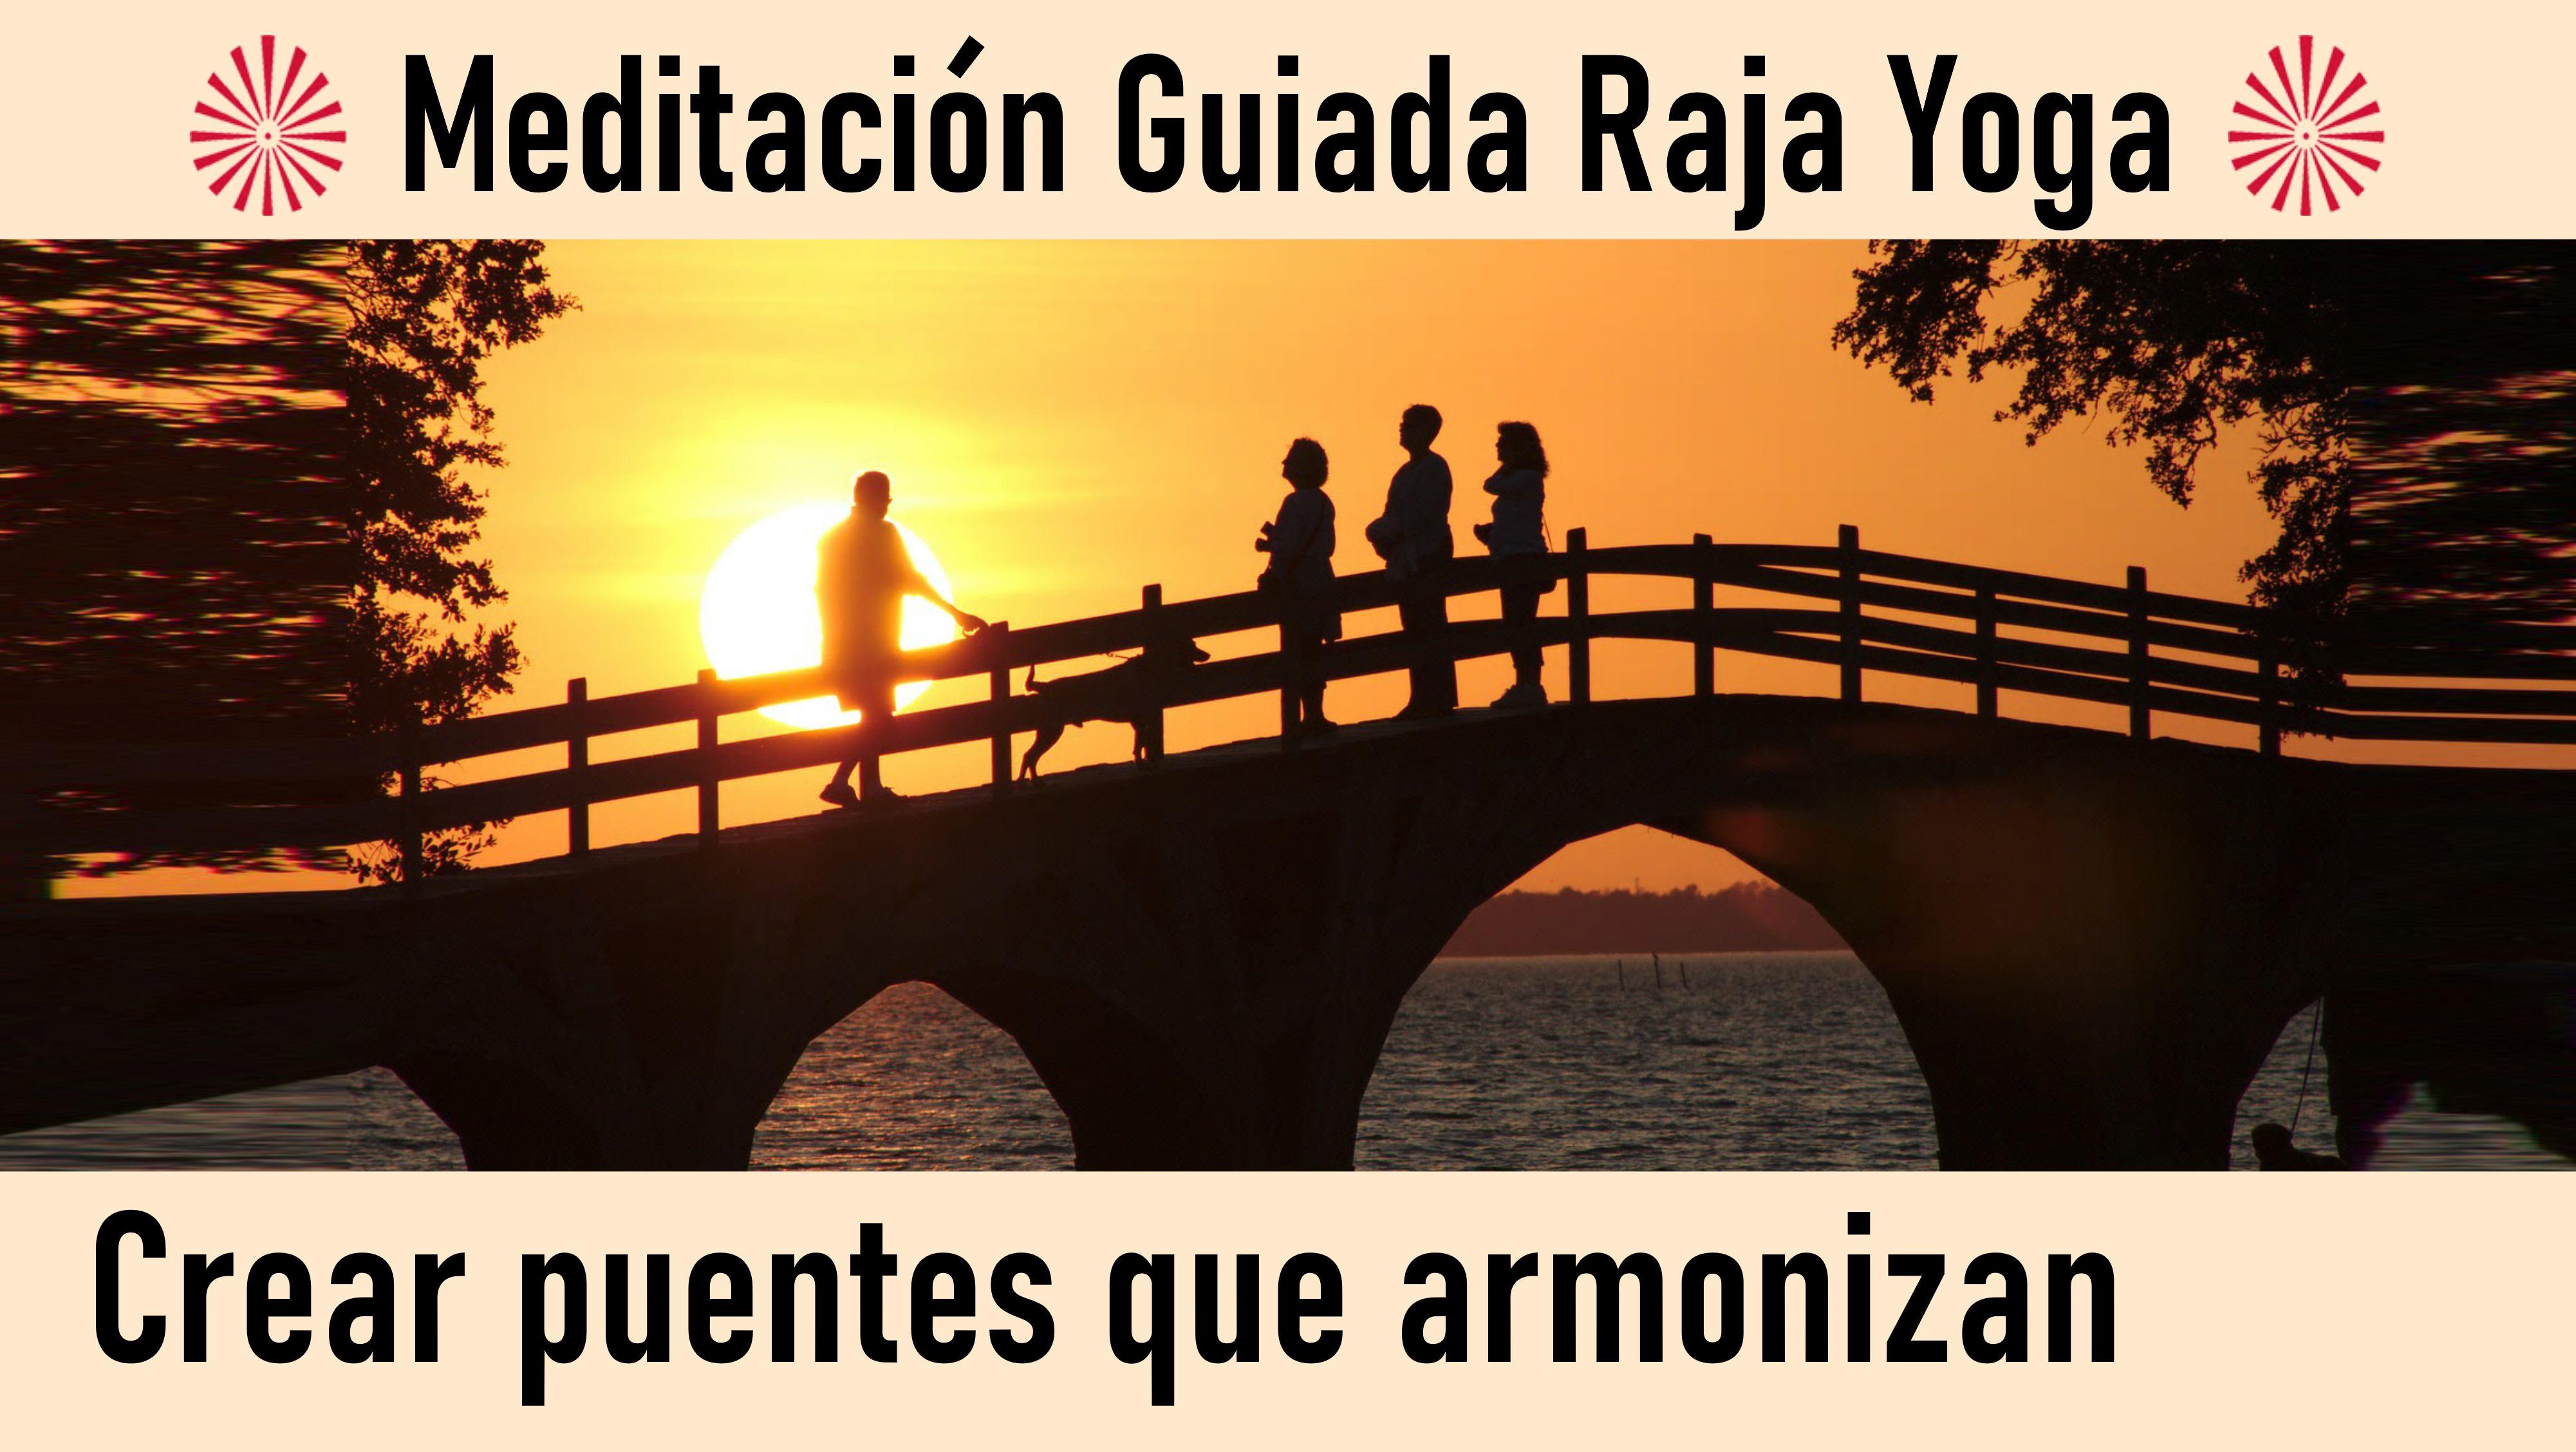 24 Julio 2020 Meditación guiada: Crear puentes que armonizan